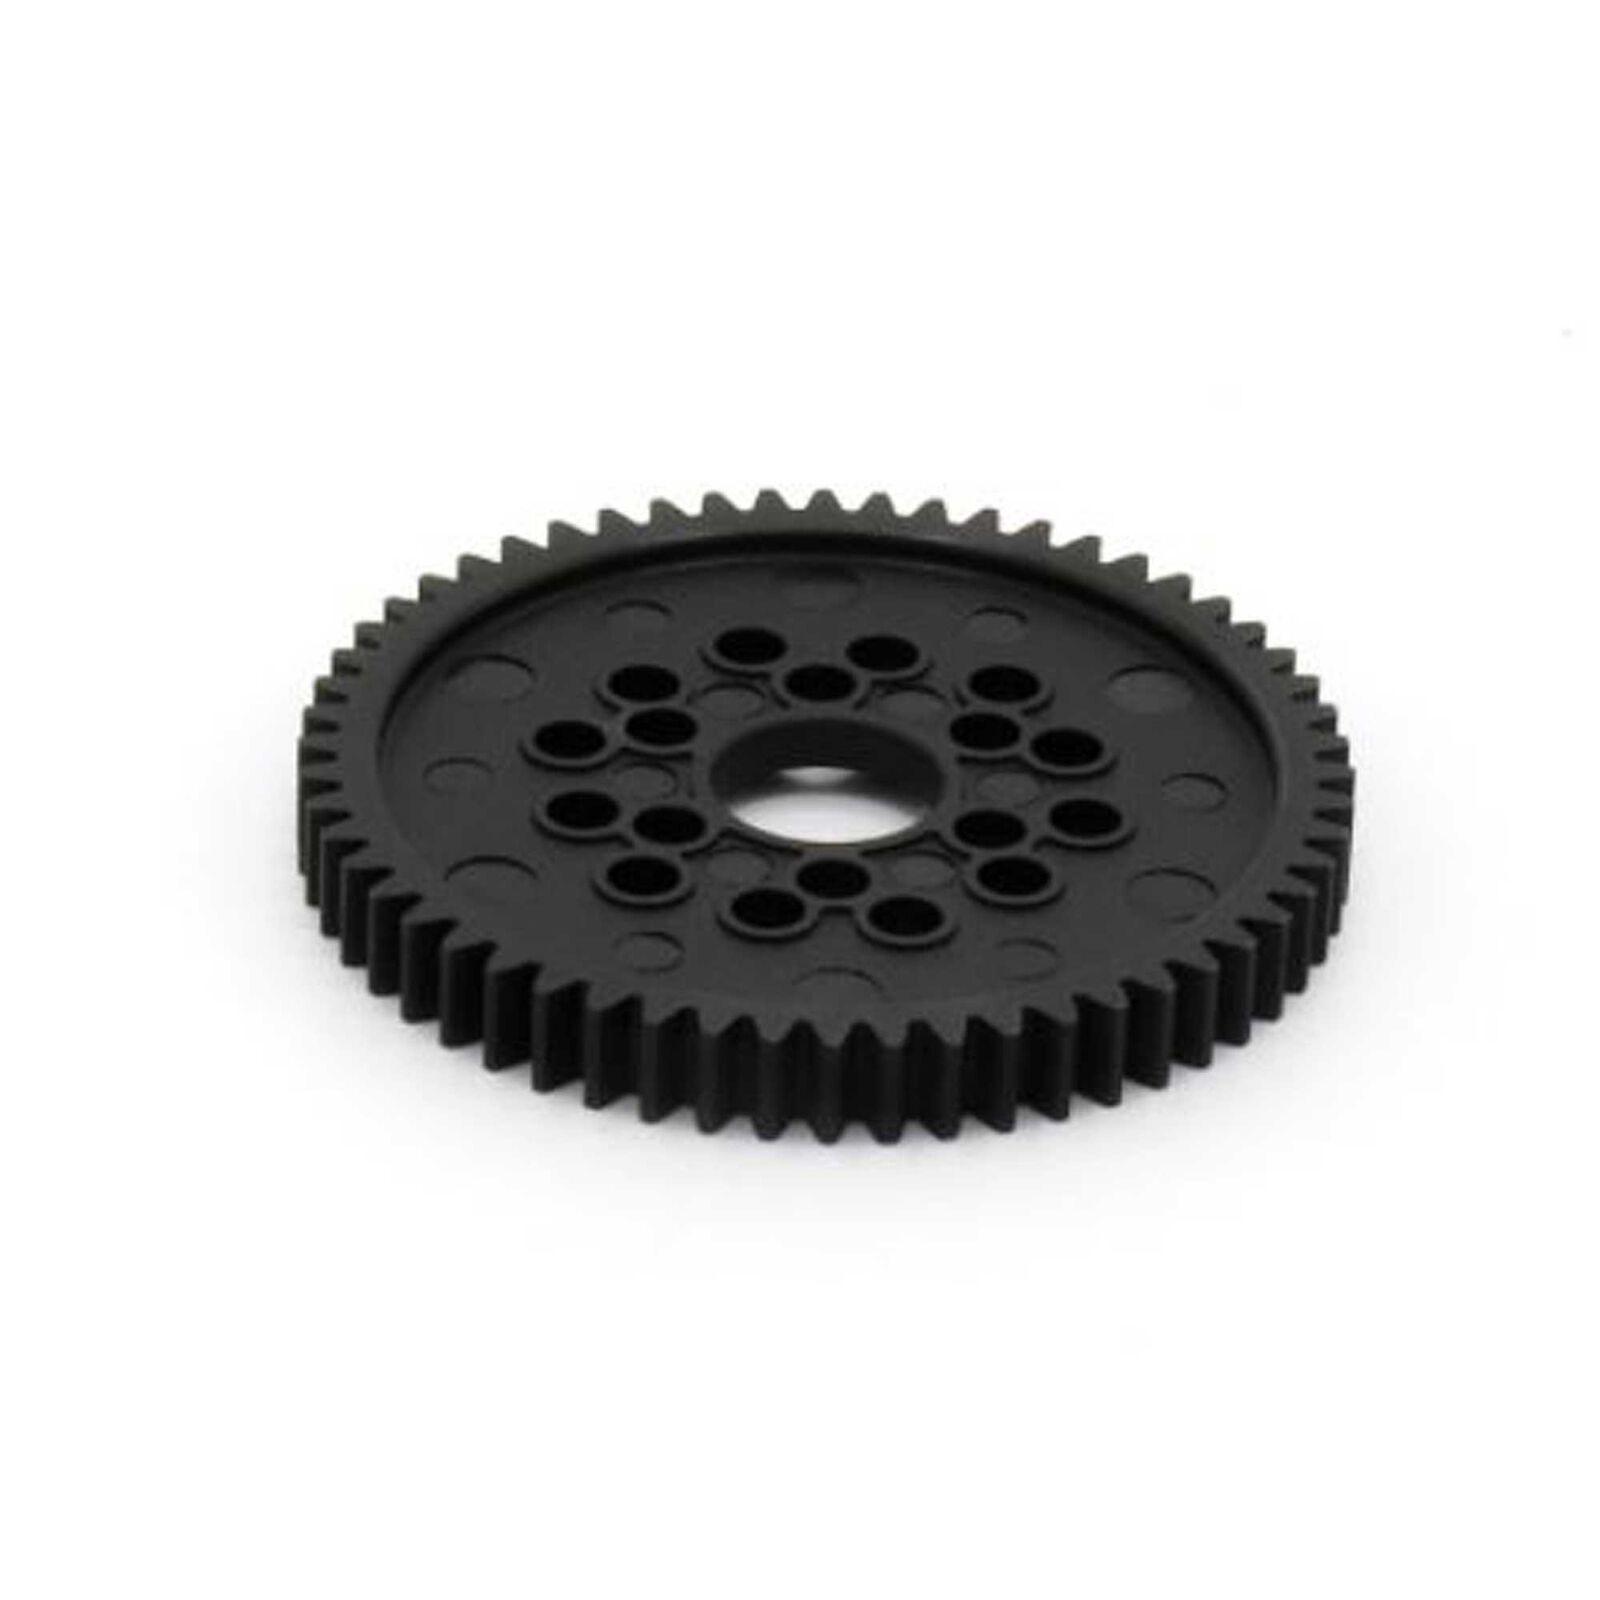 56t Spur Gear